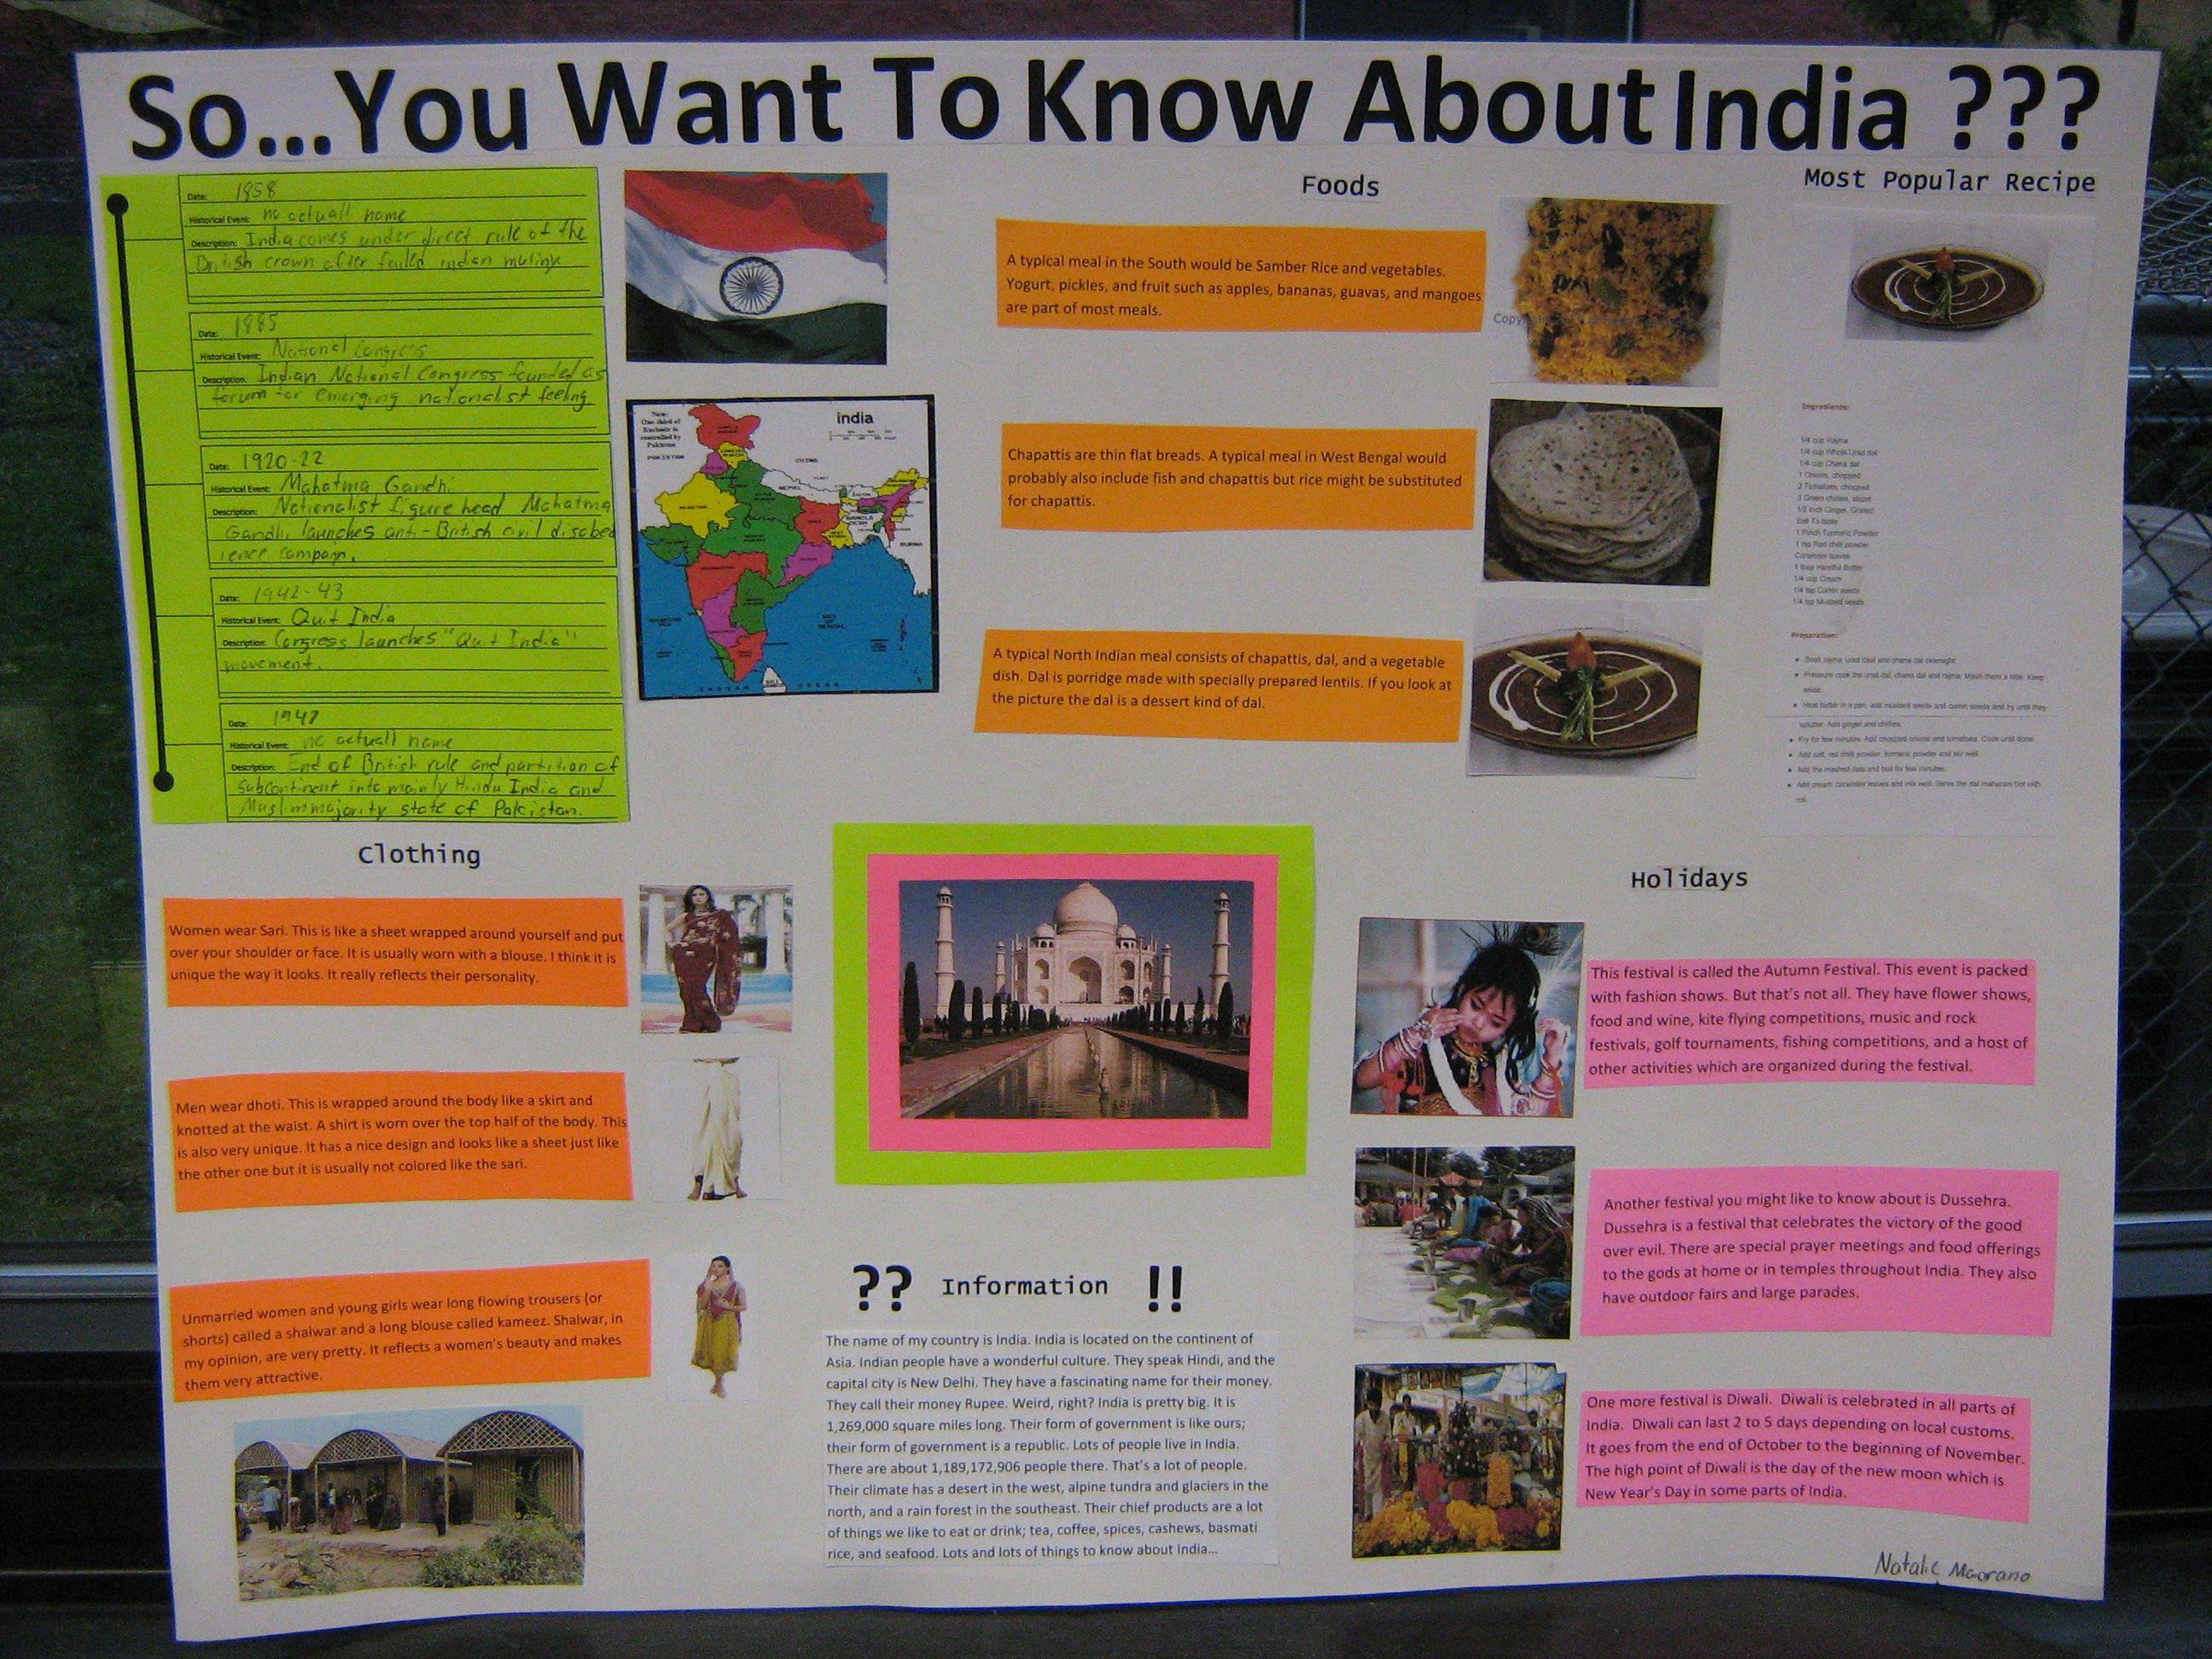 History essay on: Heritage